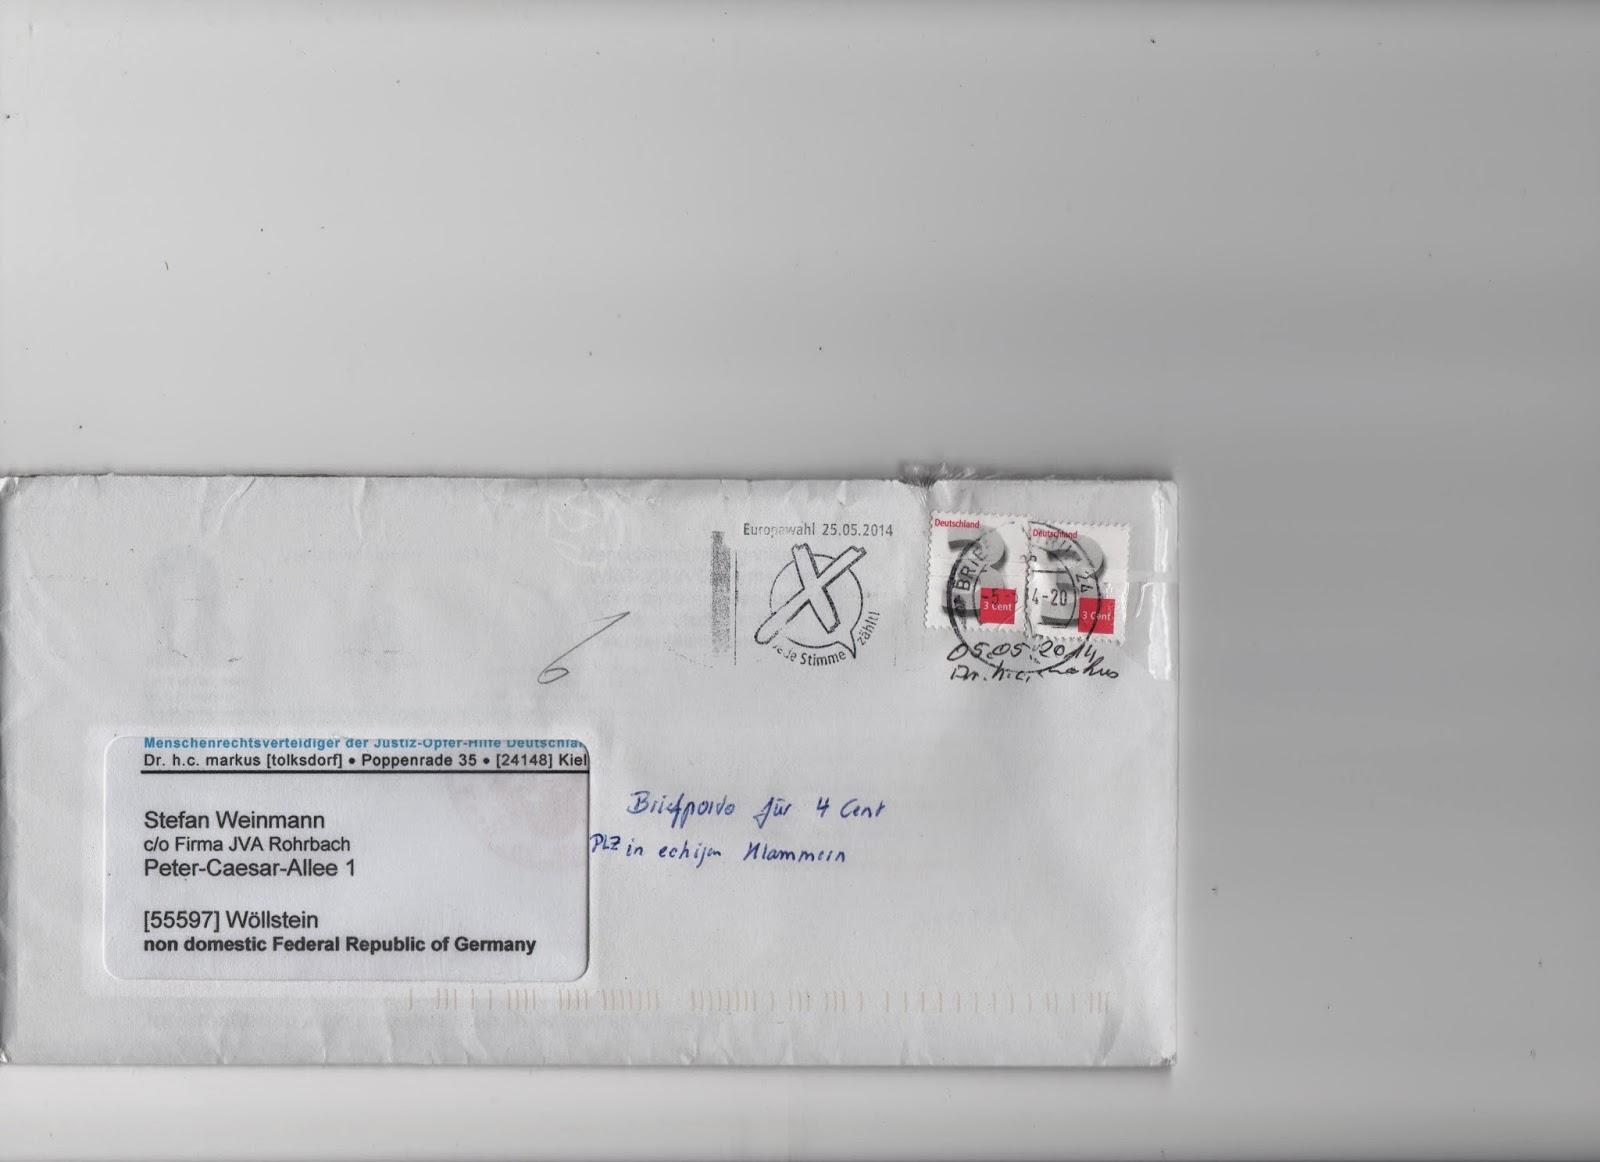 Briefe Verschicken Mit Hermes : Excalibur briefe für cent versenden